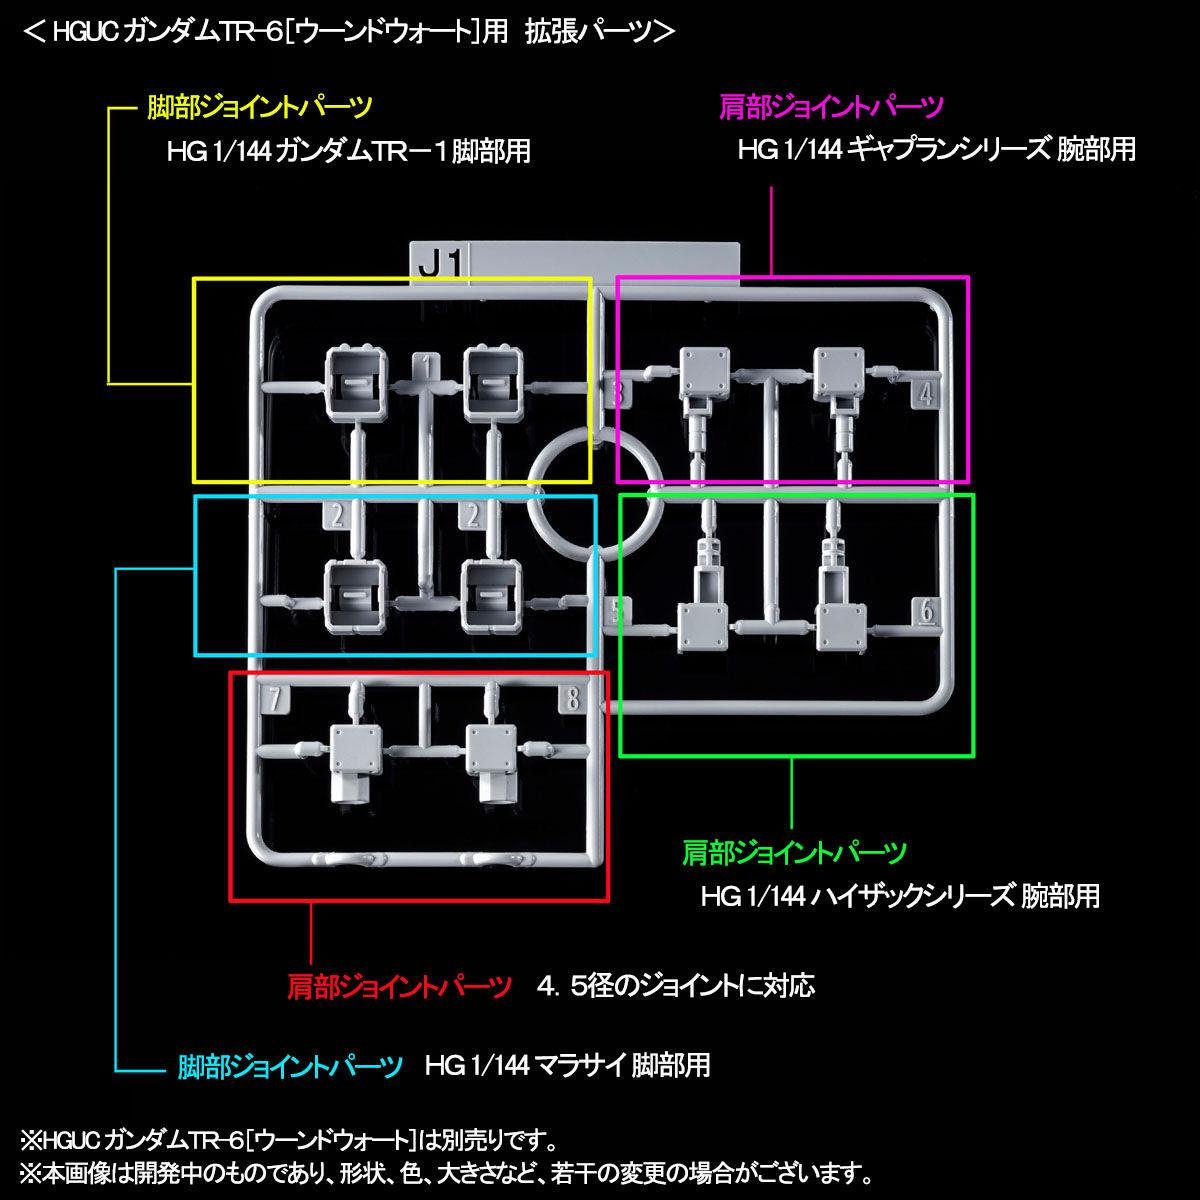 HG 1/144『ガンダムTR-1[ヘイズル改]&ガンダムTR-6用拡張パーツ』プラモデル-008